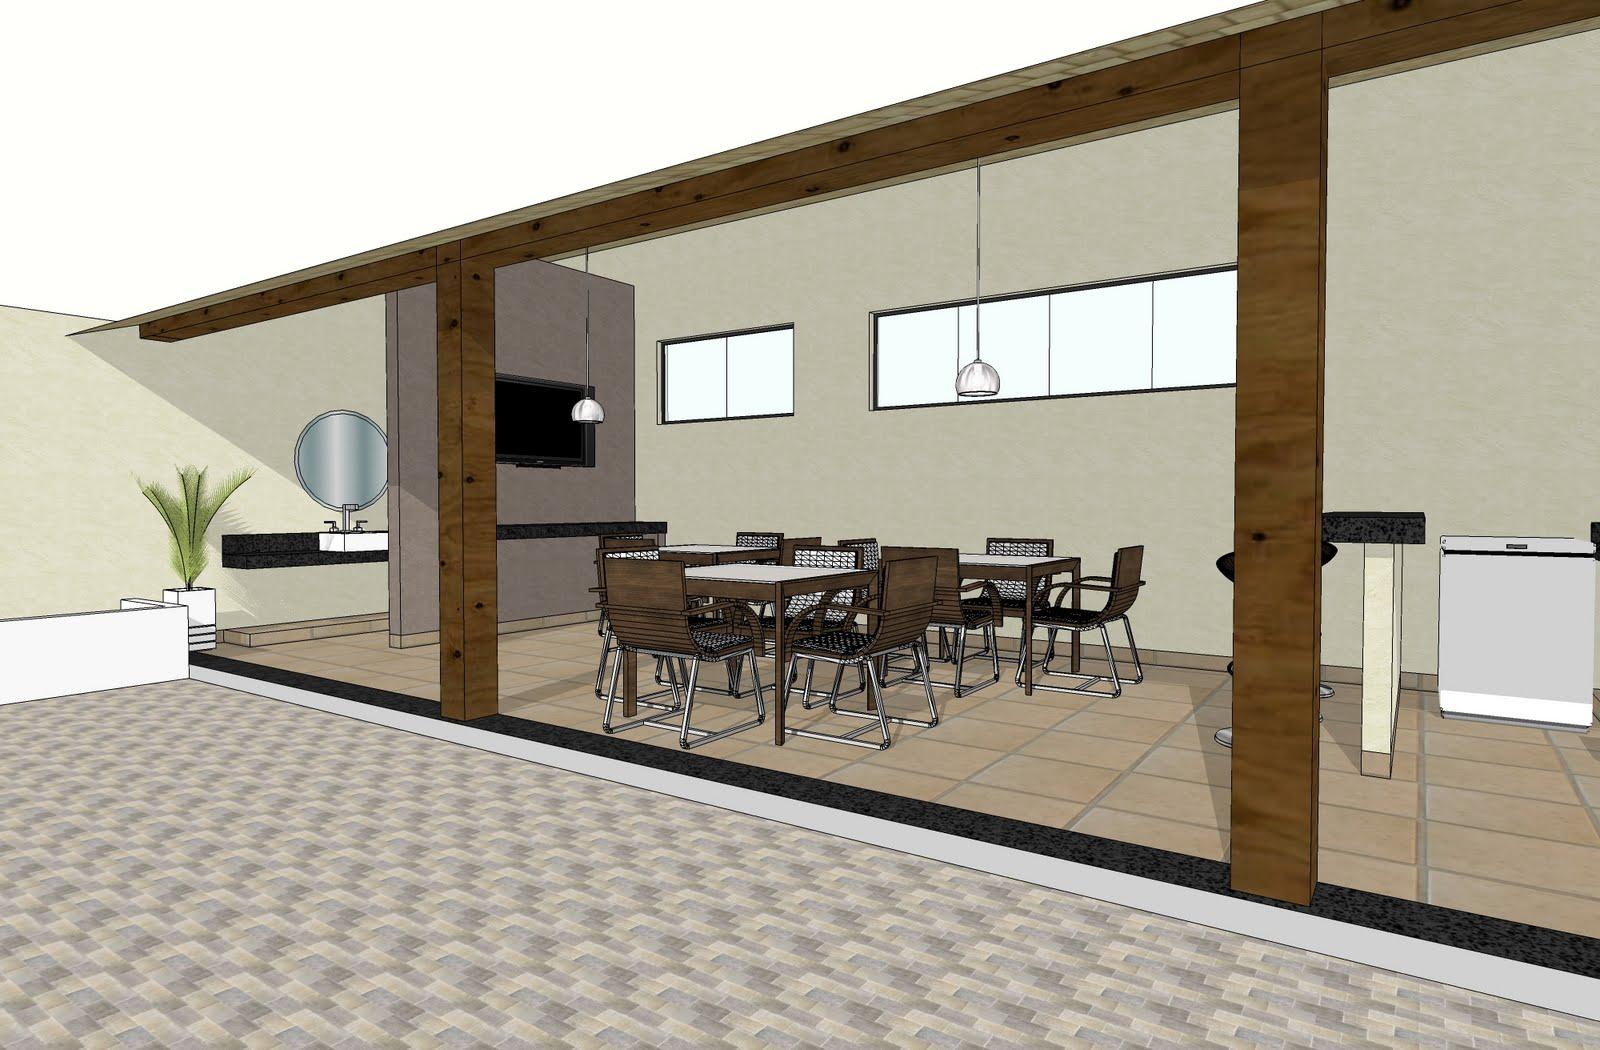 RB Arquitetura e Construção: Edifício Josino Vianna #5E4320 1600x1050 Banheiro Arquitetura E Construção